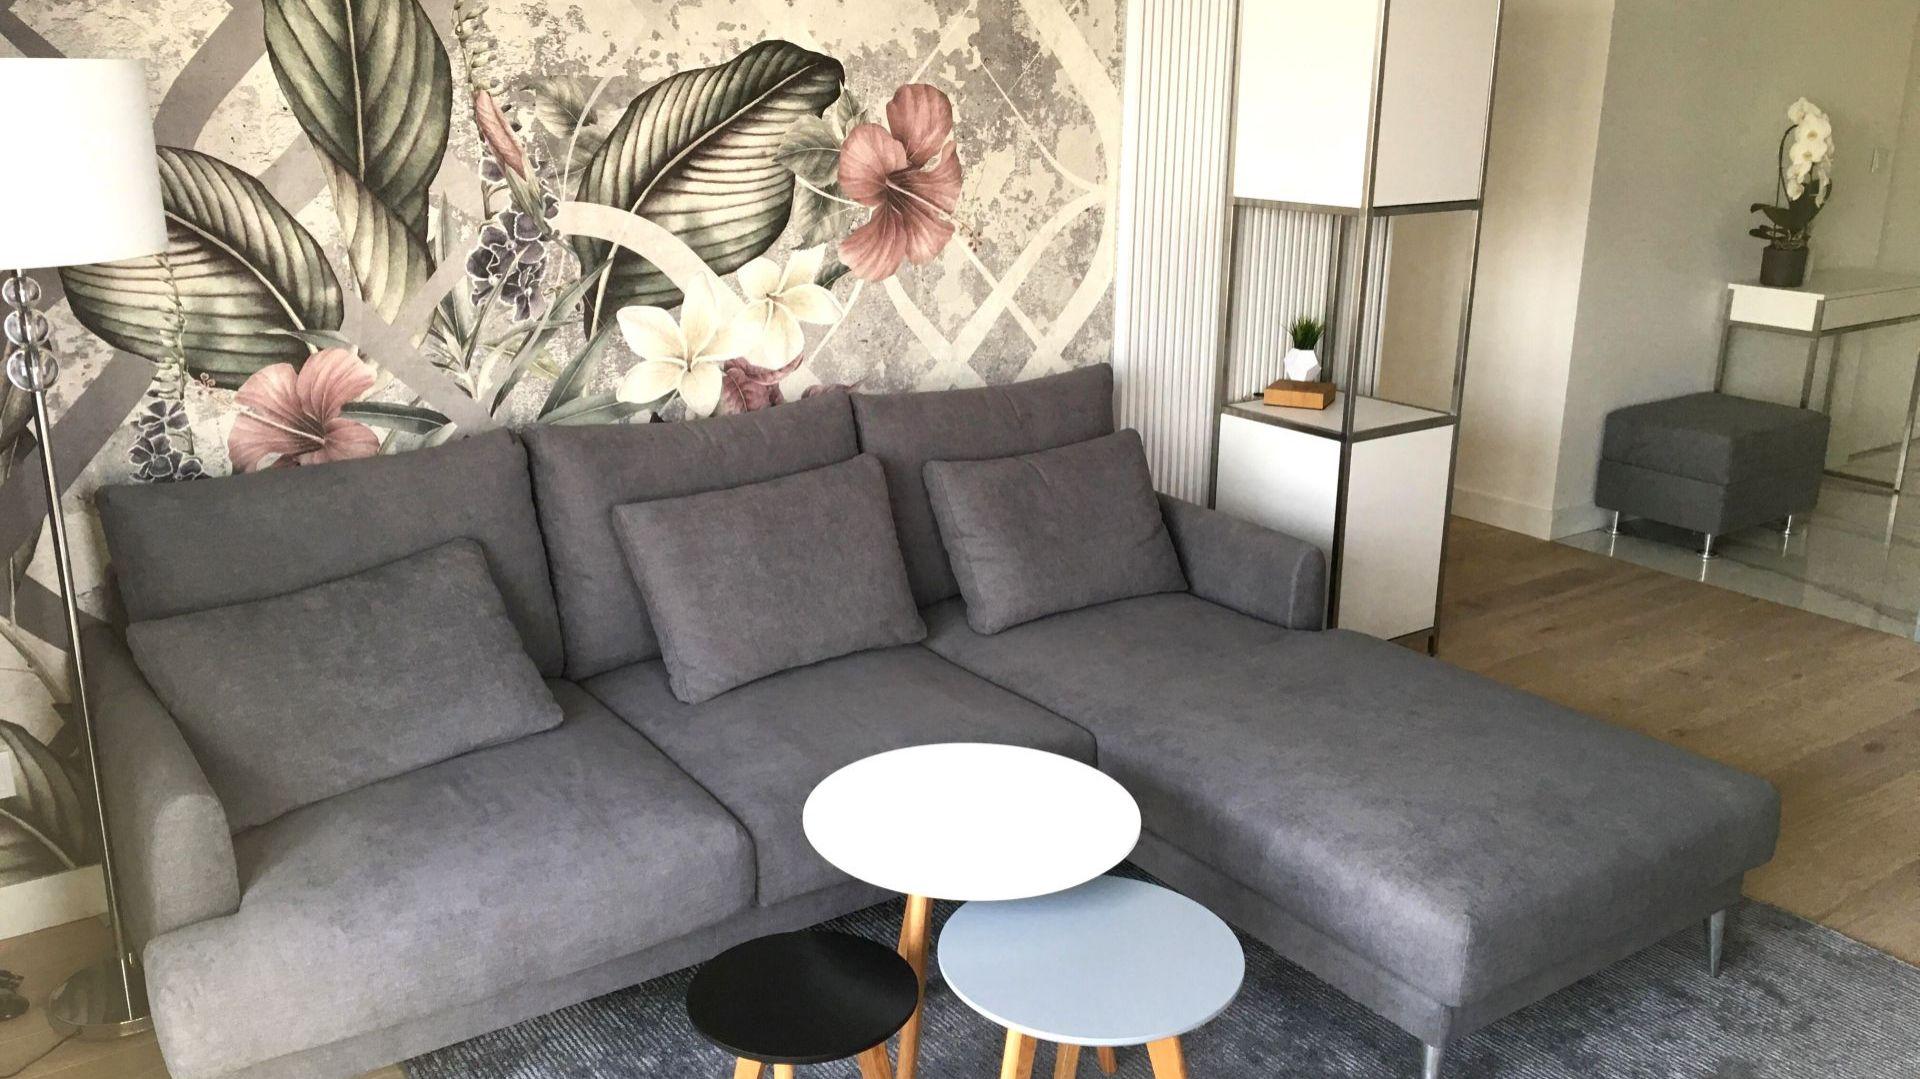 W aranżacji wnętrz apartamentu dla młodej, nowoczesnej inwestorki udało się wprowadzić kilka elementów glamour, dzięki czemu przestrzeń zyskała bardziej kobiecy charakter. Projekt: Sztyblewicz Architekci. Fot. AQForm